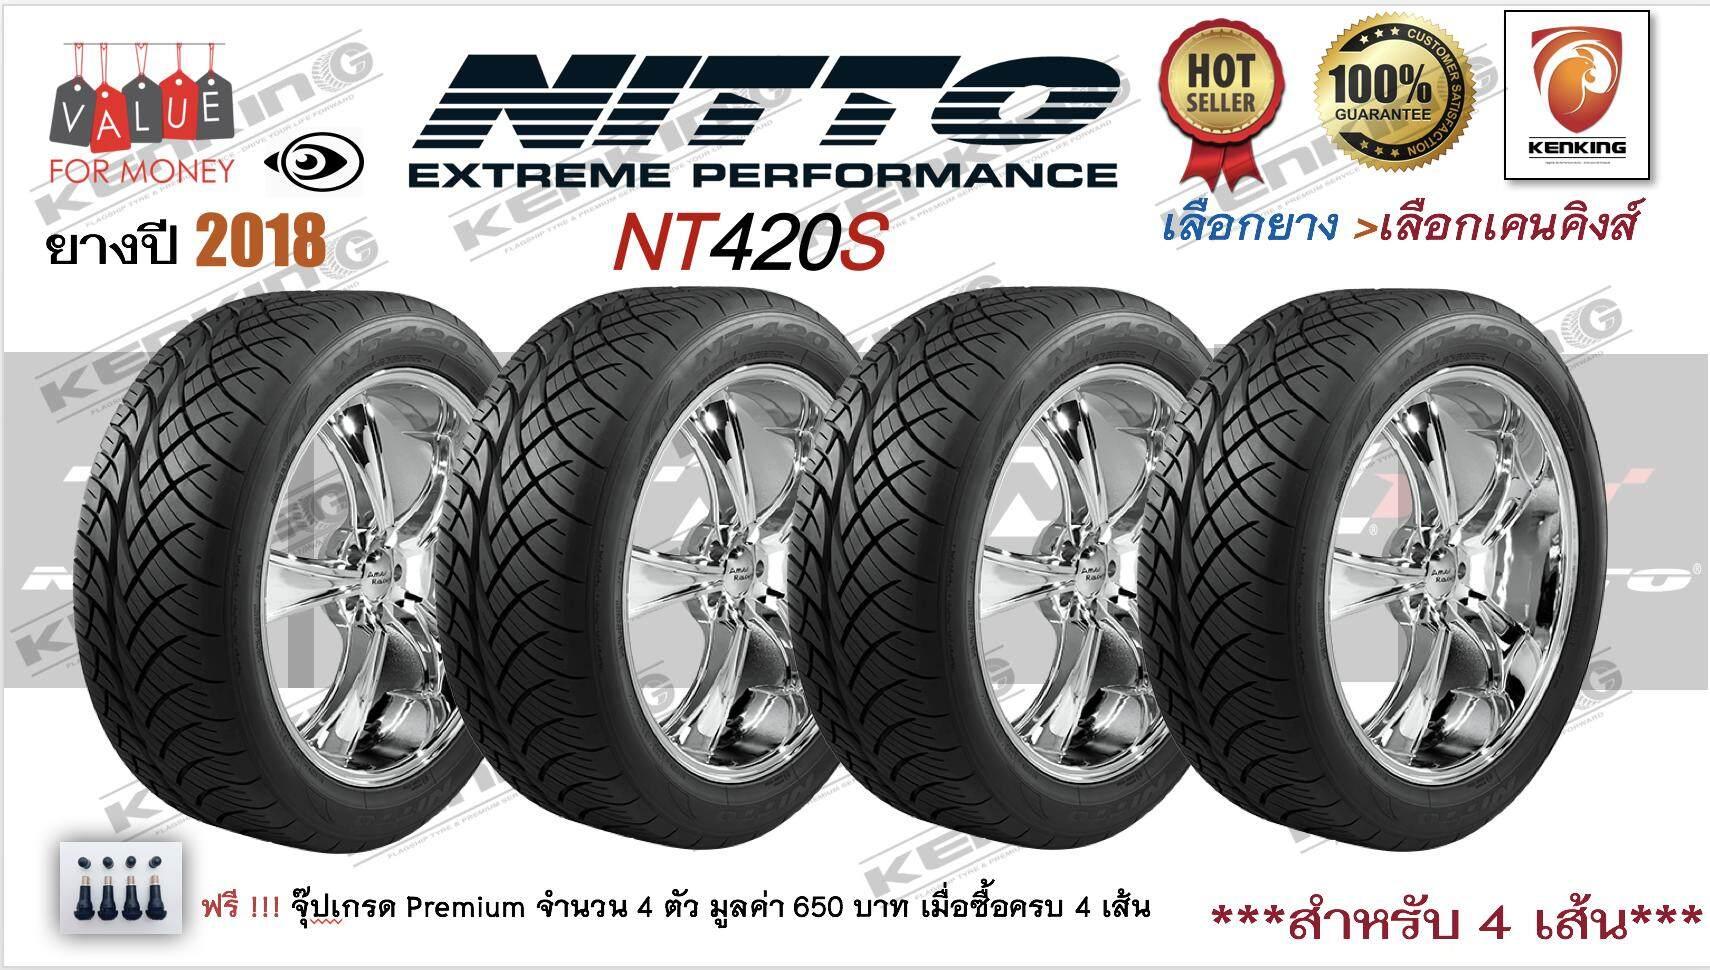 ประกันภัย รถยนต์ ชั้น 3 ราคา ถูก สงขลา ยางรถยนต์ขอบ18 Nitto 265/60 R18 รุ่น 420S ( 4 เส้น) FREE !! จุ๊ป PREMIUM BY KENKING POWER 650 บาท MADE IN JAPAN แท้ (ลิขสิทธิแท้รายเดียว)